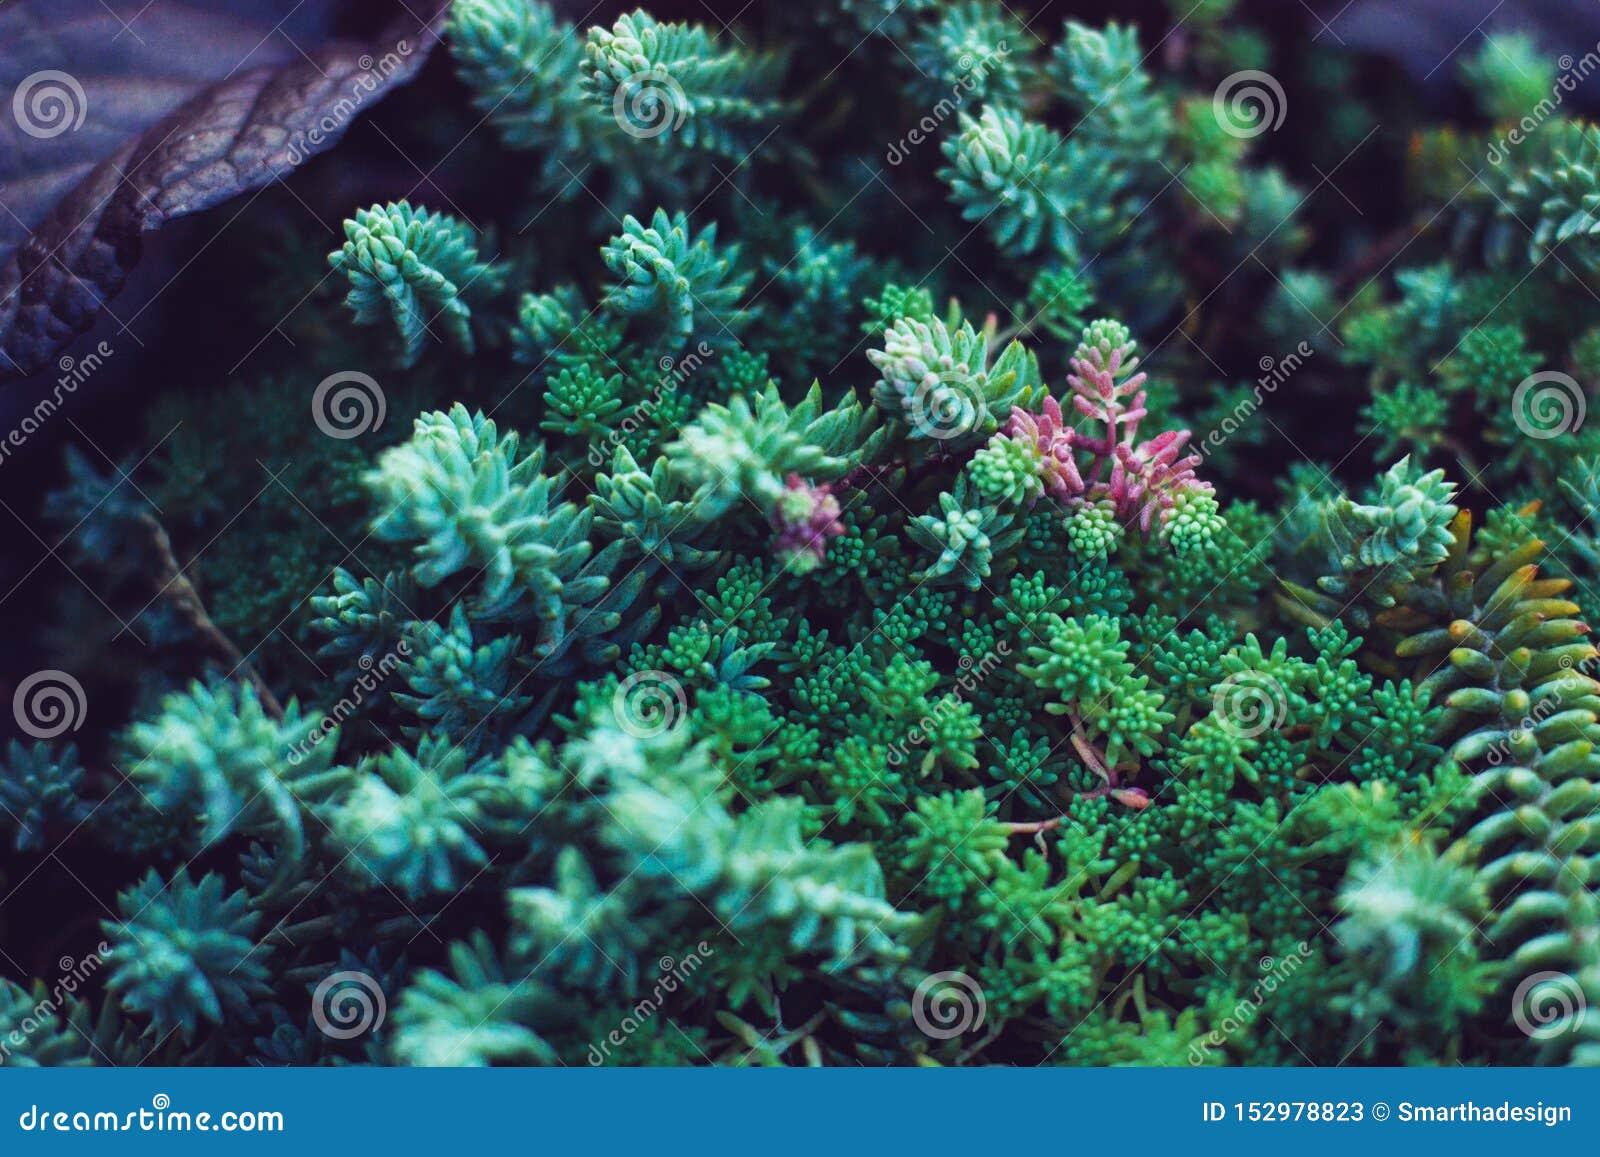 多汁植物绿色植物 关闭混杂的微型仙人掌 最低纲领派花卉为floristry商店